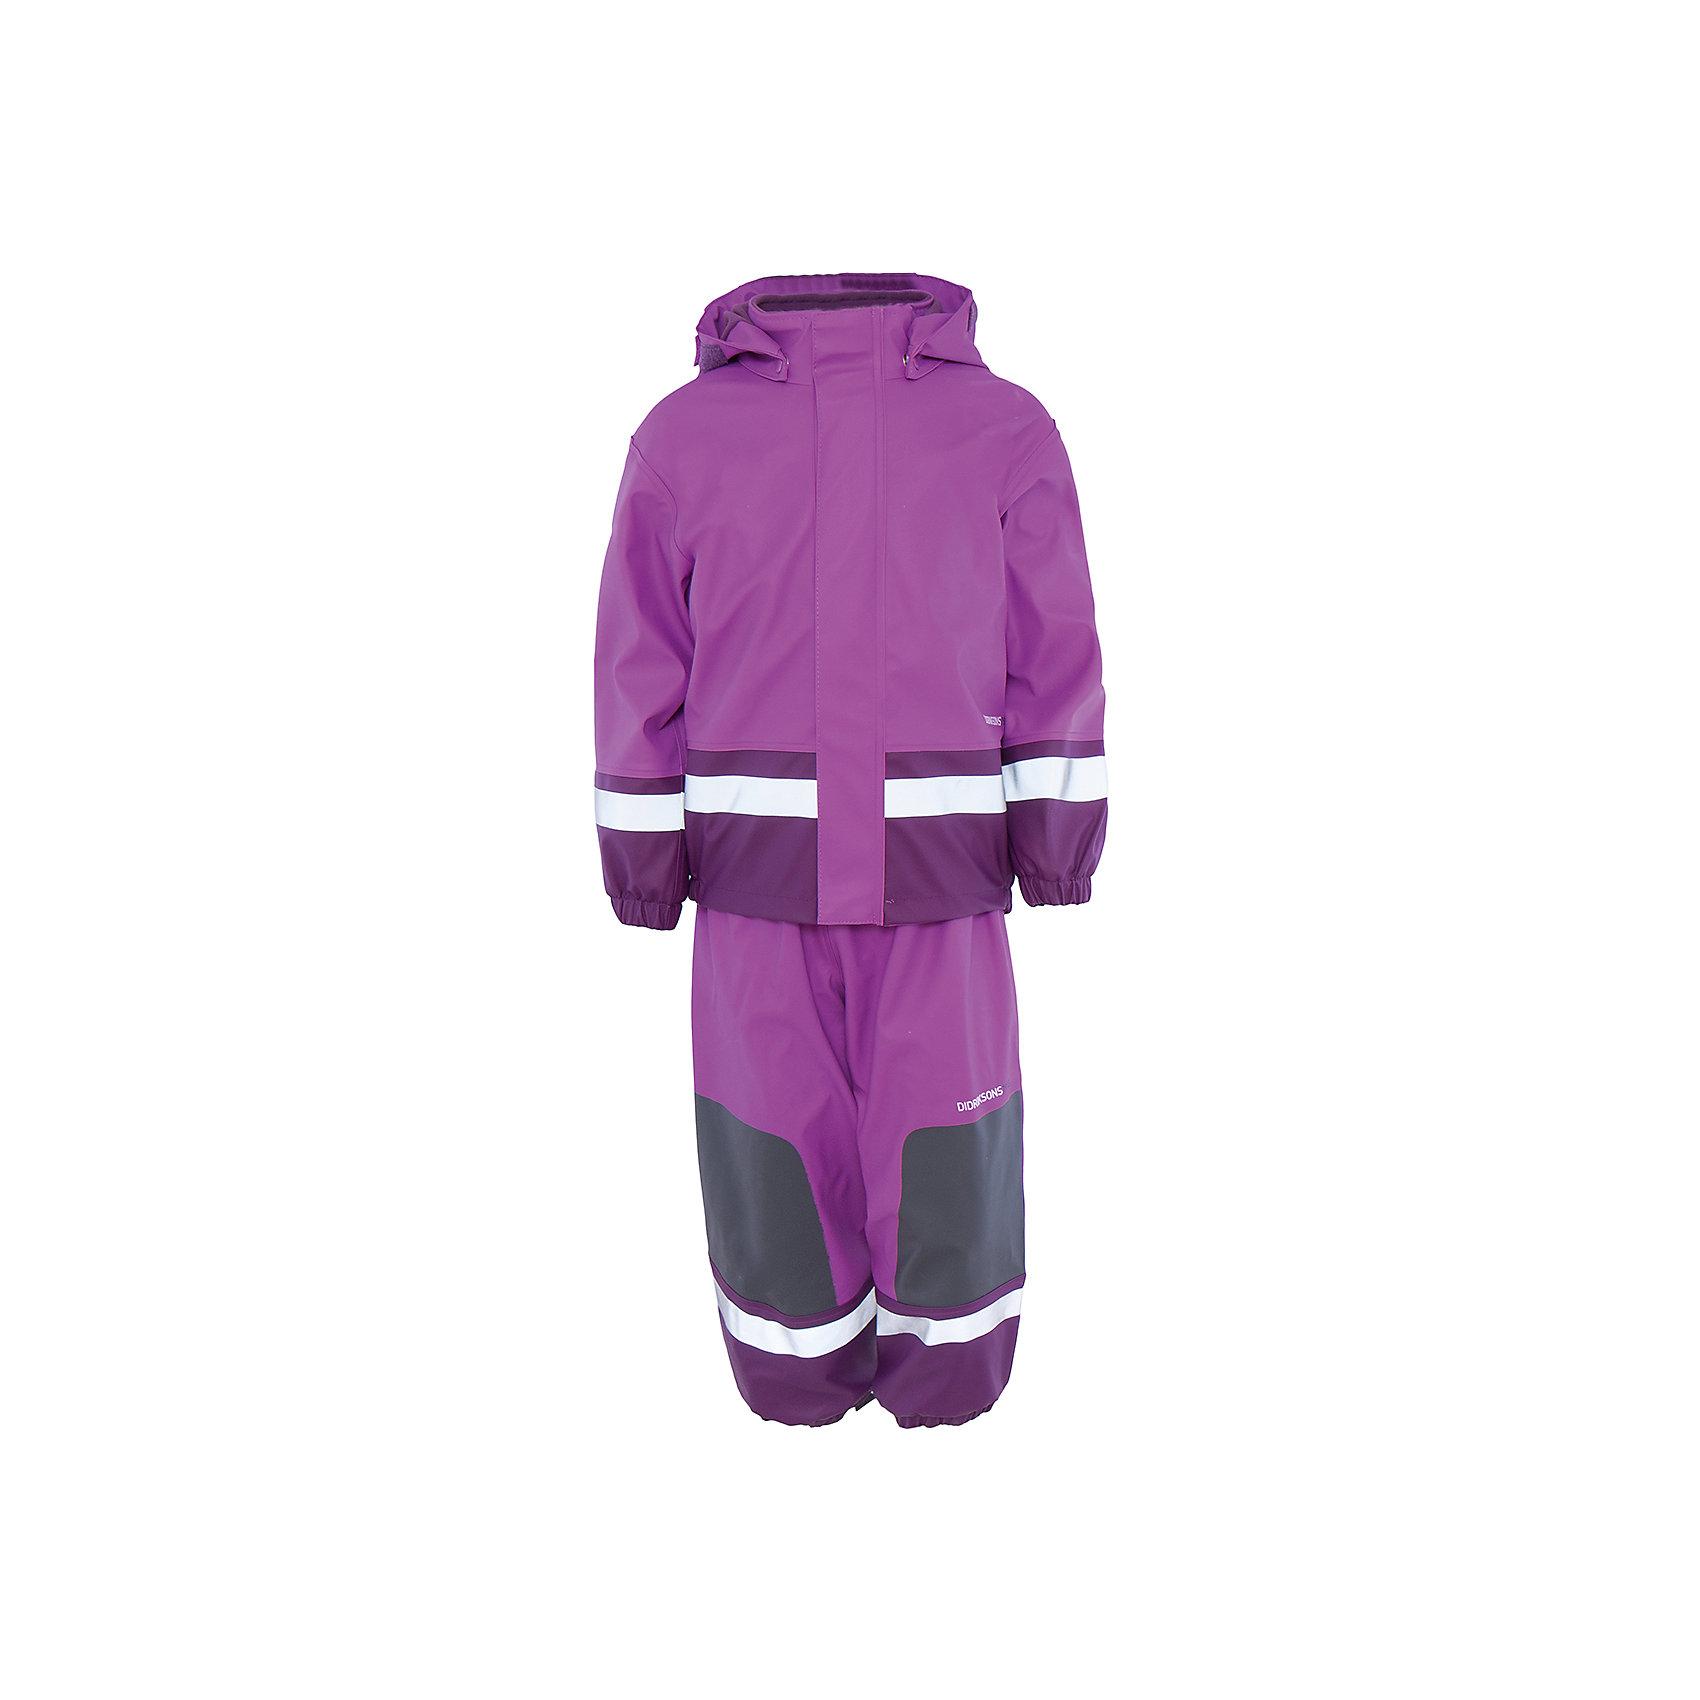 Комплект Boardman: куртка и брюки для девочки DIDRIKSONSХарактеристики товара:<br><br>• цвет: фиолетовый<br>• материал: 100% полиуретан, подкладка - 100% полиэстер<br>• утеплитель: 60 г/м<br>• температура: от 0° до +7 ° С<br>• непромокаемая ткань<br>• подкладка из флиса<br>• проклеенные швы<br>• регулируемый съемный капюшон<br>• регулируемый пояс брюк<br>• фронтальная молния под планкой<br>• светоотражающие детали<br>• зона коленей усилена дополнительным слоем ткани<br>• грязь легко удаляется с помощью влажной губки или ткани<br>• резинки для ботинок<br>• страна бренда: Швеция<br>• страна производства: Китай<br><br>Такой непромокаемый костюм понадобится в холодную и сырую погоду! Он не только стильный, но еще и очень комфортный. Костюм обеспечит ребенку удобство при прогулках и активном отдыхе в межсезонье или оттепель. Такая модель от шведского производителя легко чистится, она оснащена разными полезными деталями.<br>Материал костюма - непромокаемый, швы дополнительно проклеены. Очень стильная и удобная модель! Изделие качественно выполнено, сделано из безопасных для детей материалов. <br><br>Комплект: куртку и брюки для девочки от бренда DIDRIKSONS можно купить в нашем интернет-магазине.<br><br>Ширина мм: 356<br>Глубина мм: 10<br>Высота мм: 245<br>Вес г: 519<br>Цвет: фиолетовый<br>Возраст от месяцев: 6<br>Возраст до месяцев: 12<br>Пол: Женский<br>Возраст: Детский<br>Размер: 70,100,90,80,110<br>SKU: 5212636